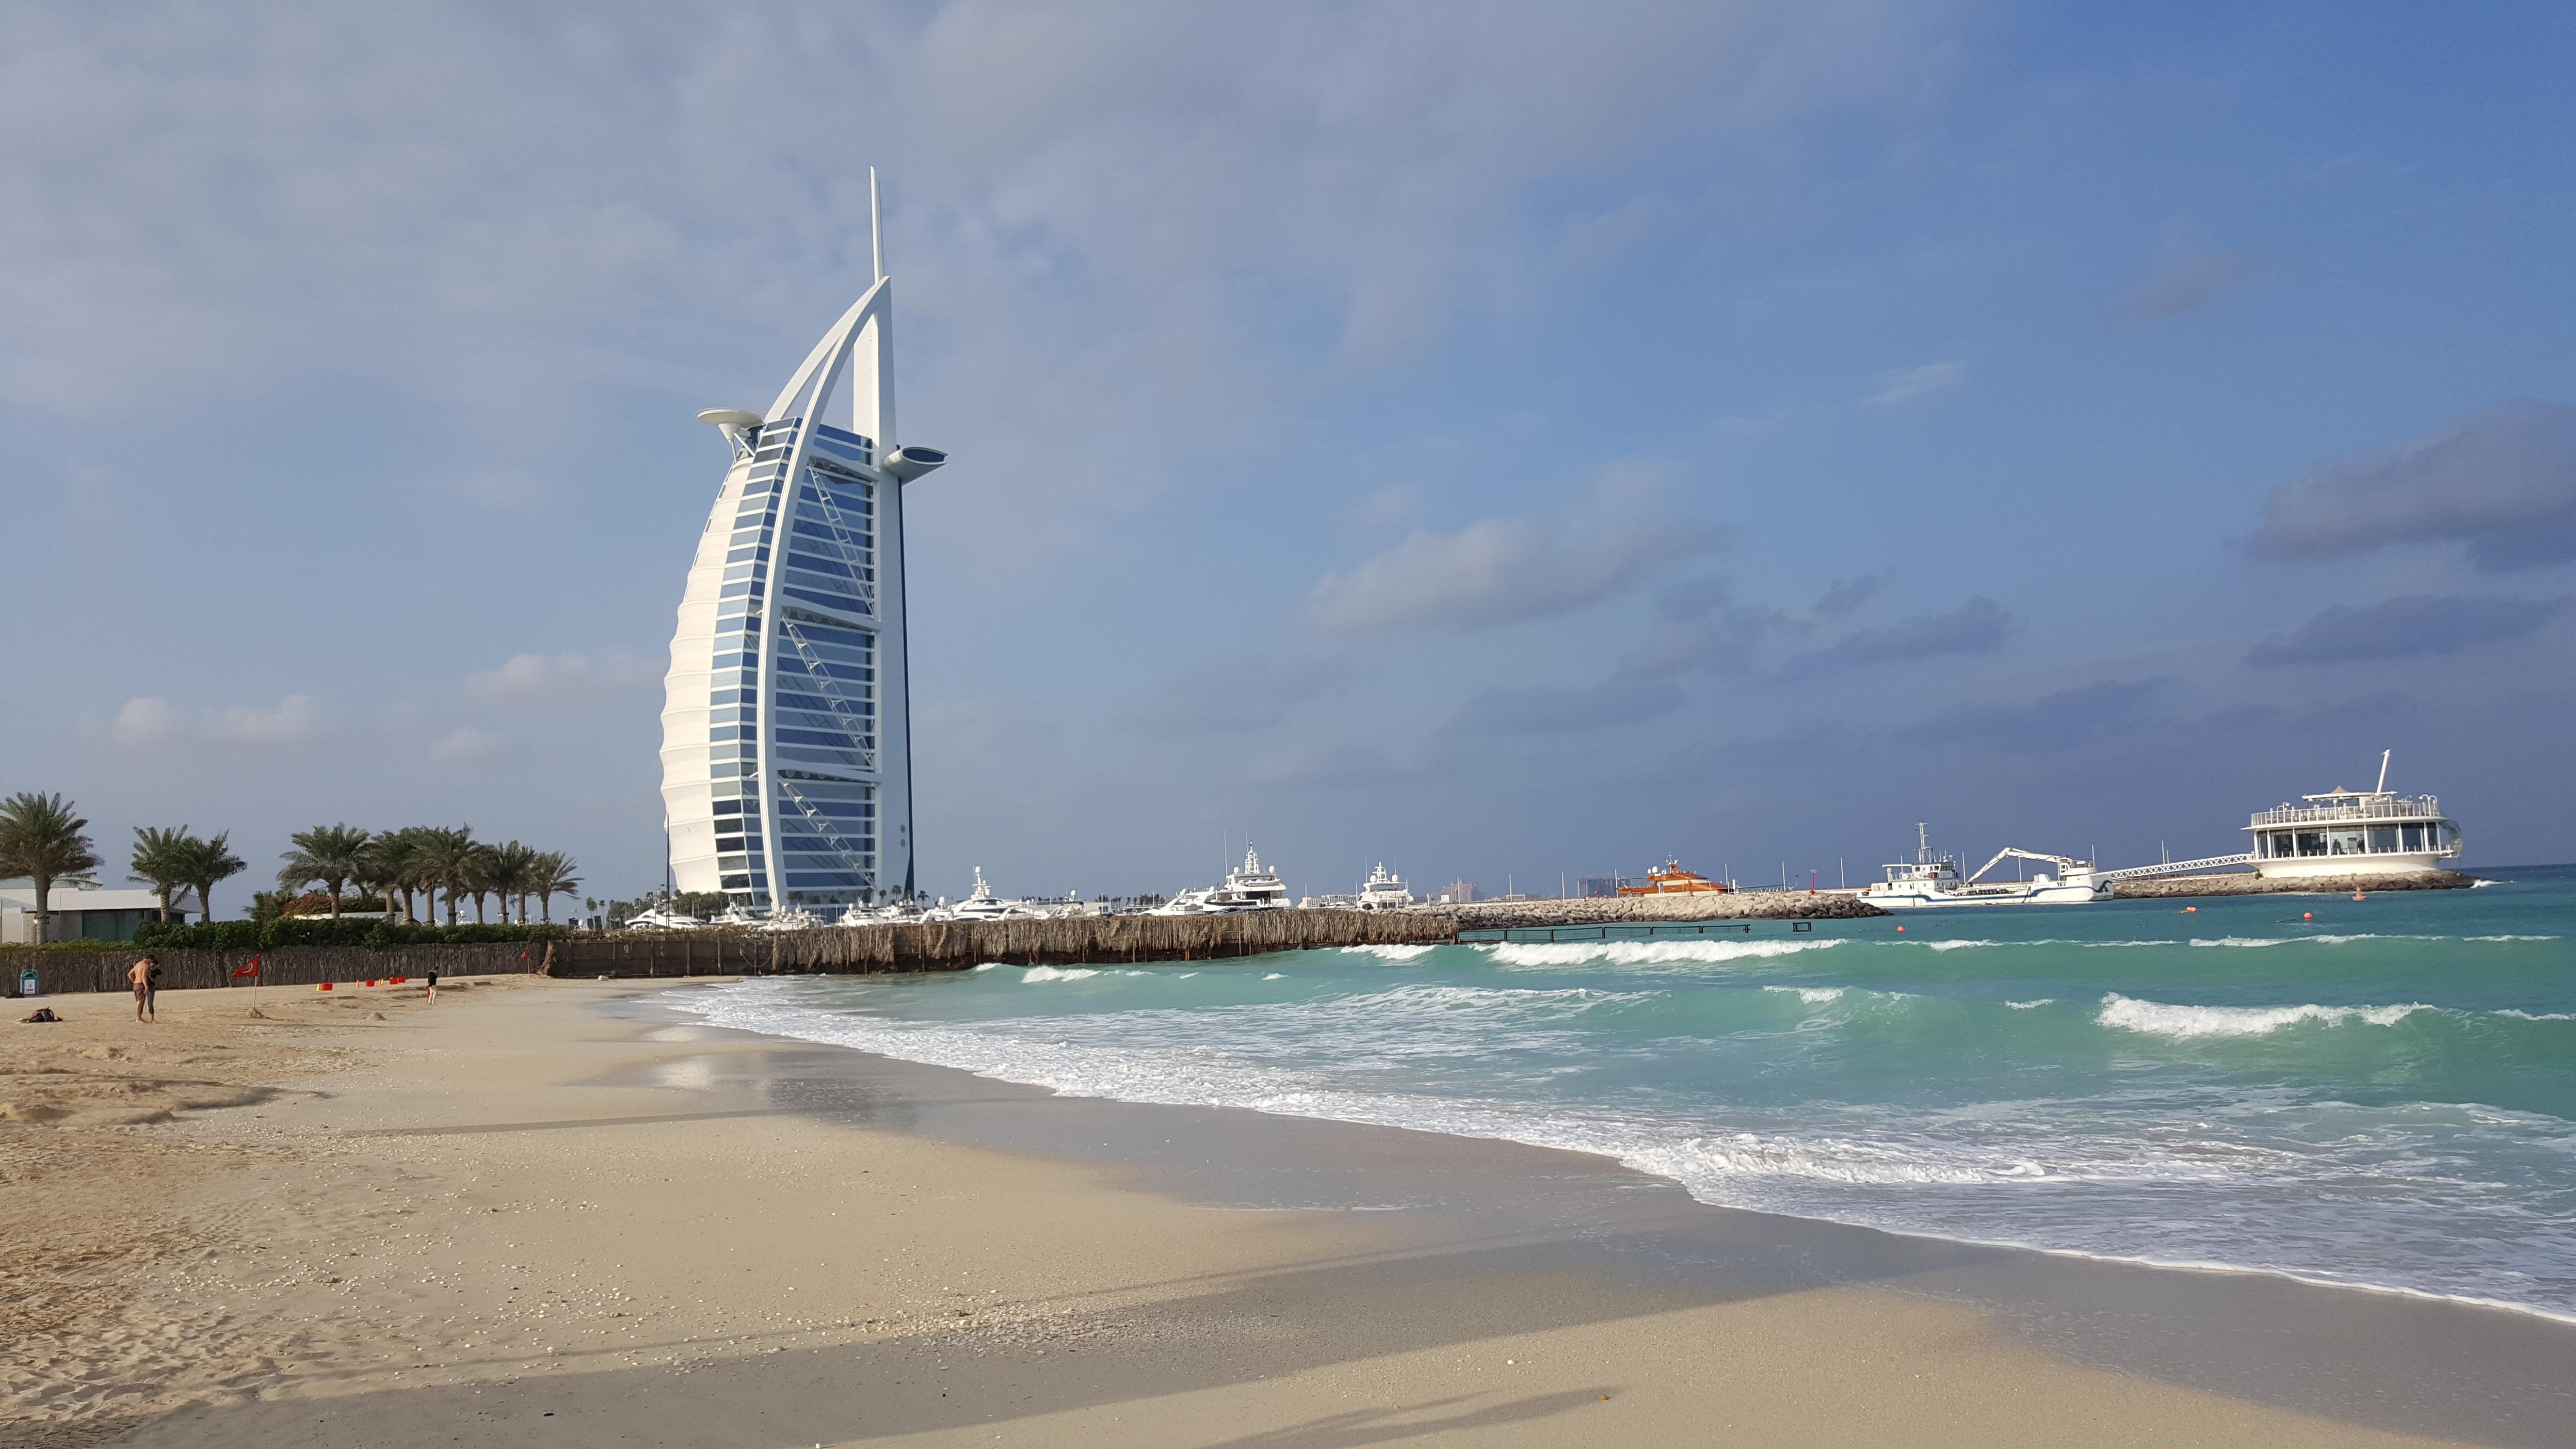 Mein Schiff Ausflugsziel in Dubai: Das Burj Al Arab